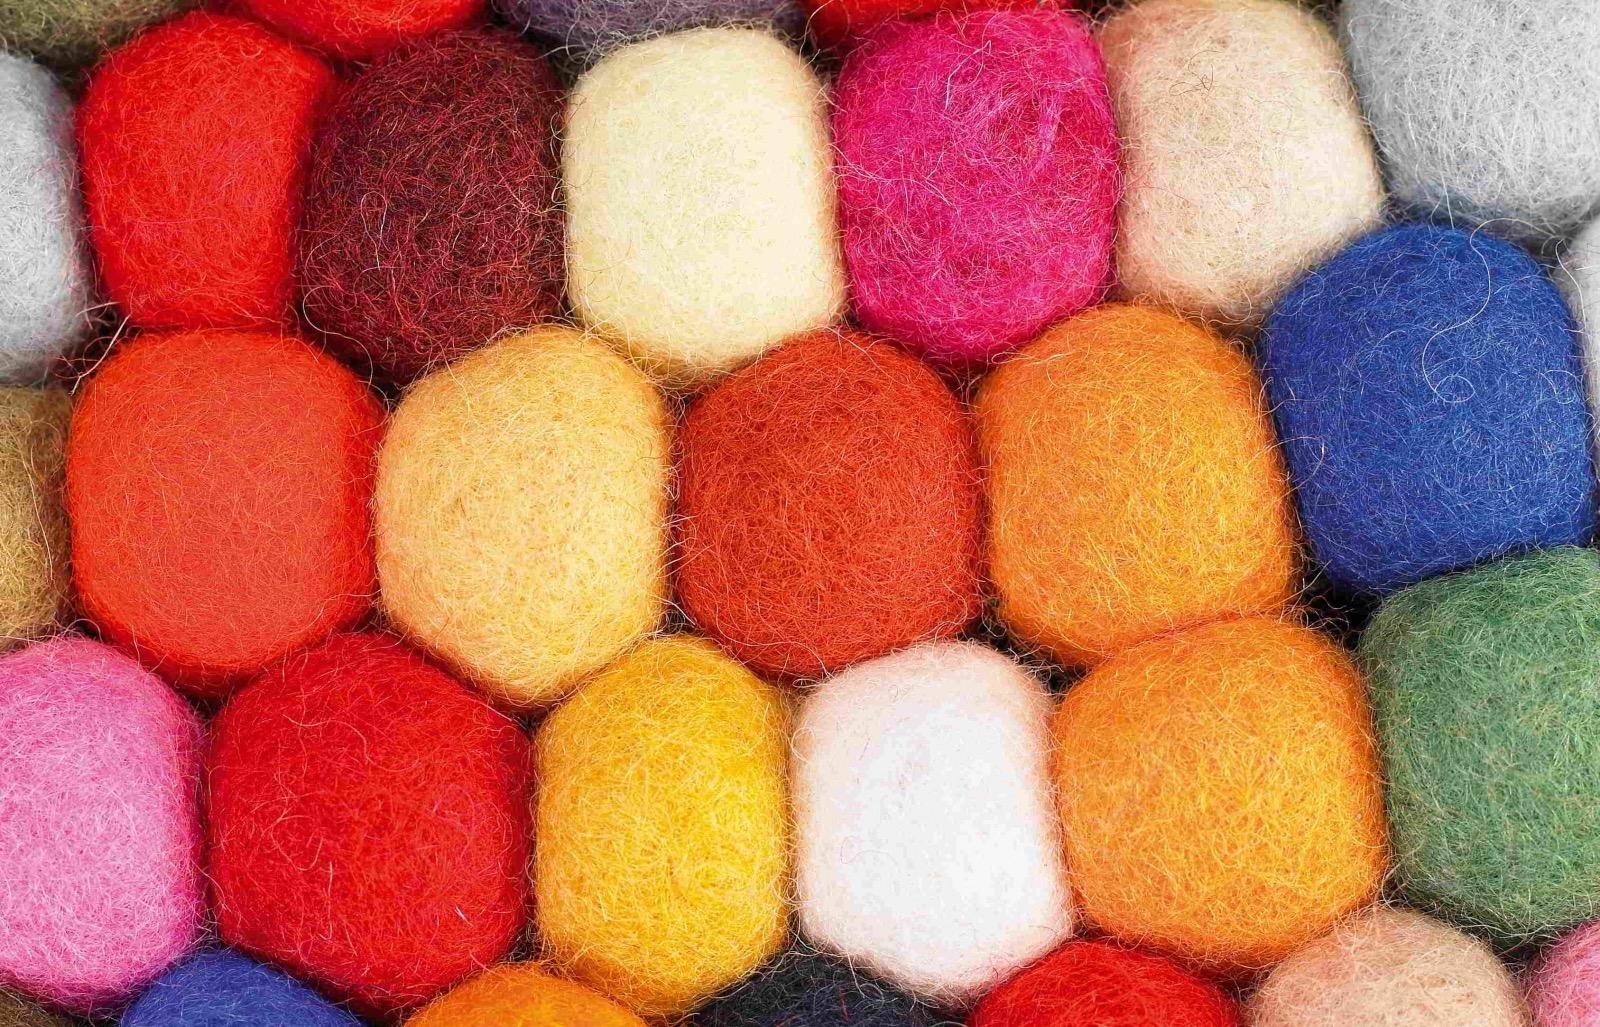 Pinocchio Tapijt Hay : Hay tapijt pinocchio: kleuren prijs & uitvoeringen